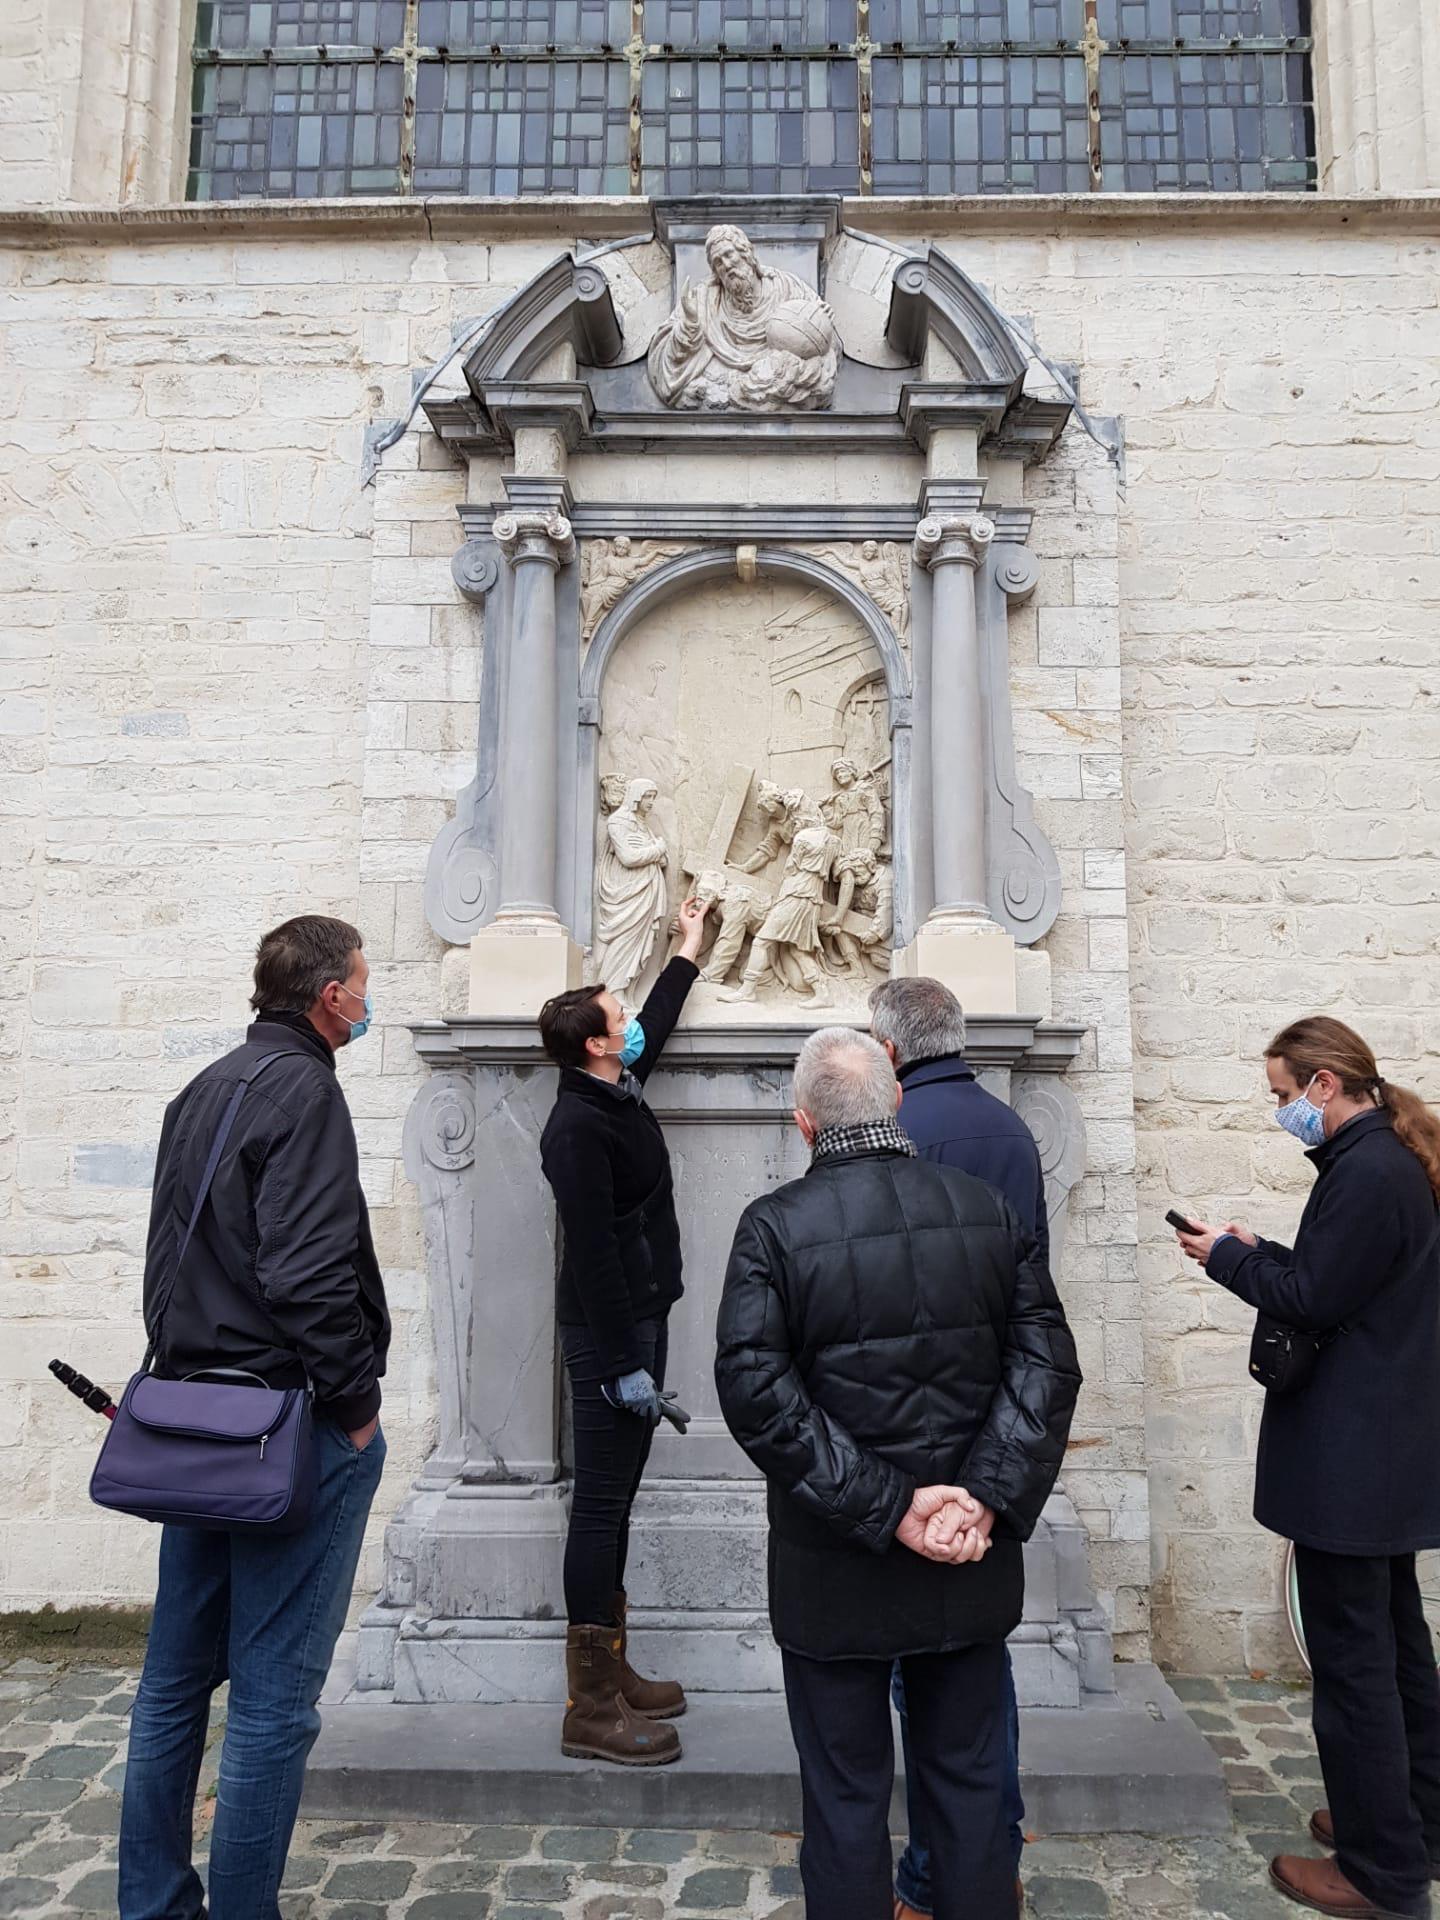 Een tweede statie van de Onze-Lieve-Vrouw over de Dijlekerk gaat in restauratie